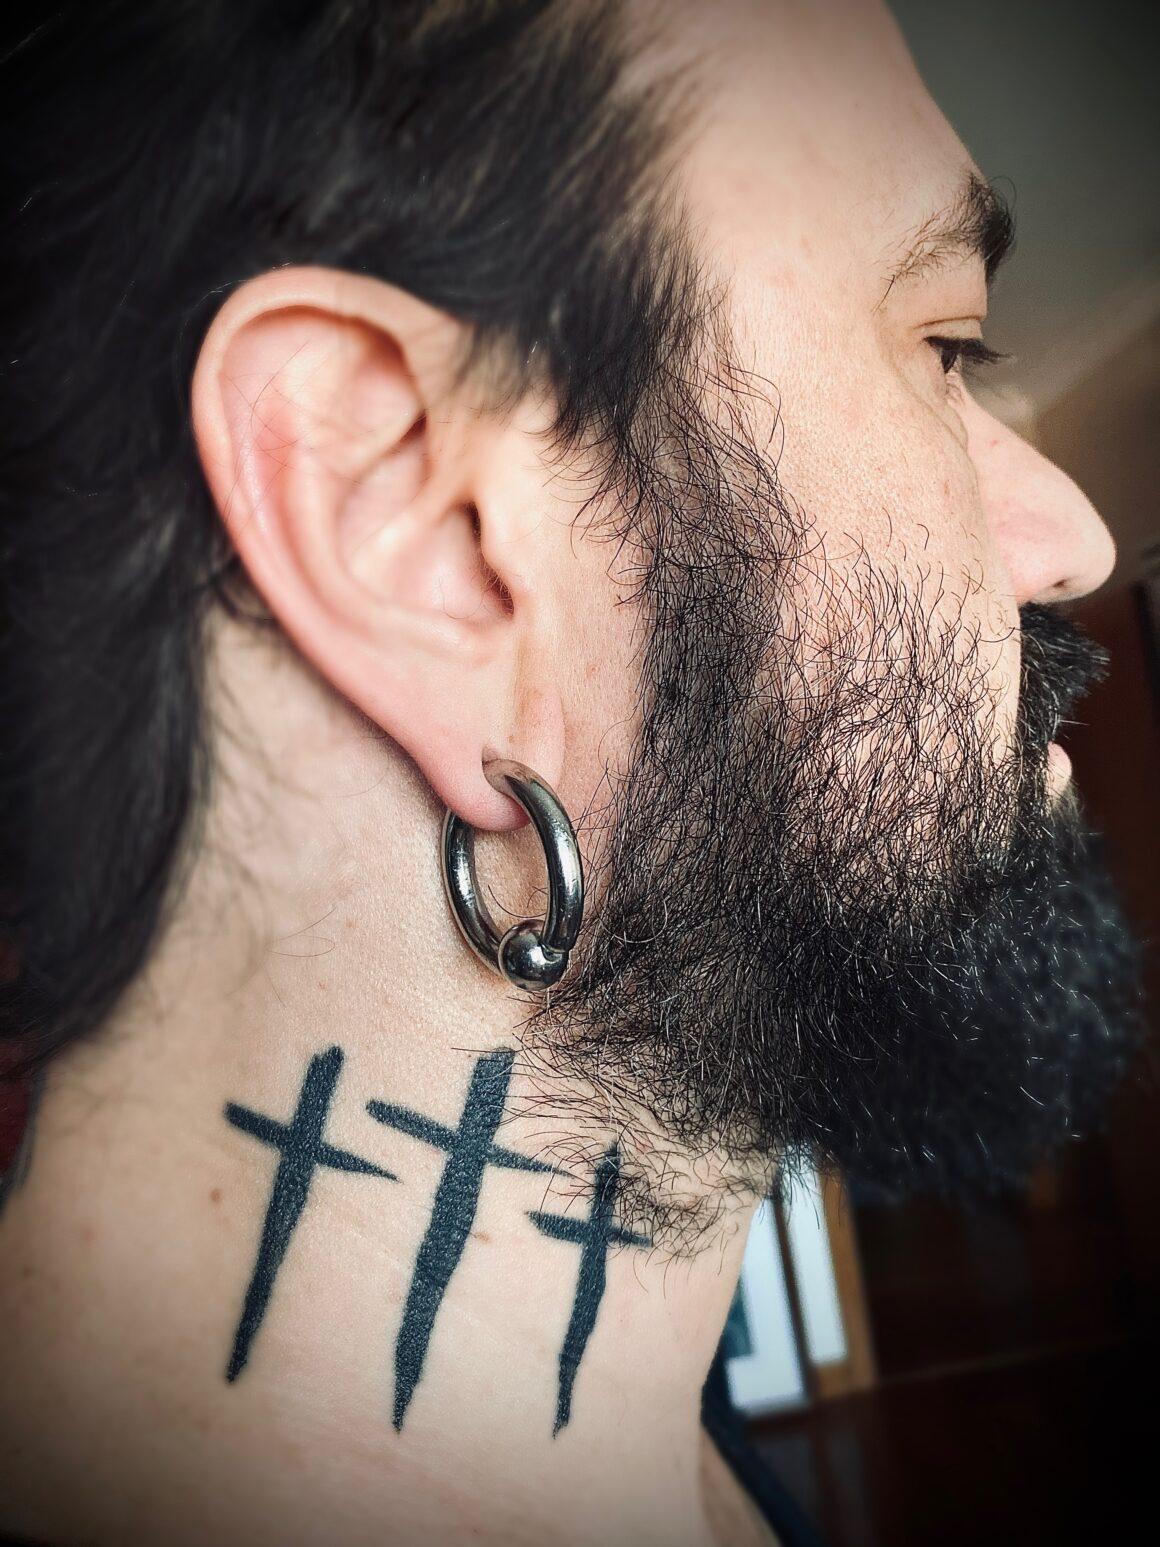 Fernando Ribeiro, Moonspell (tattoo